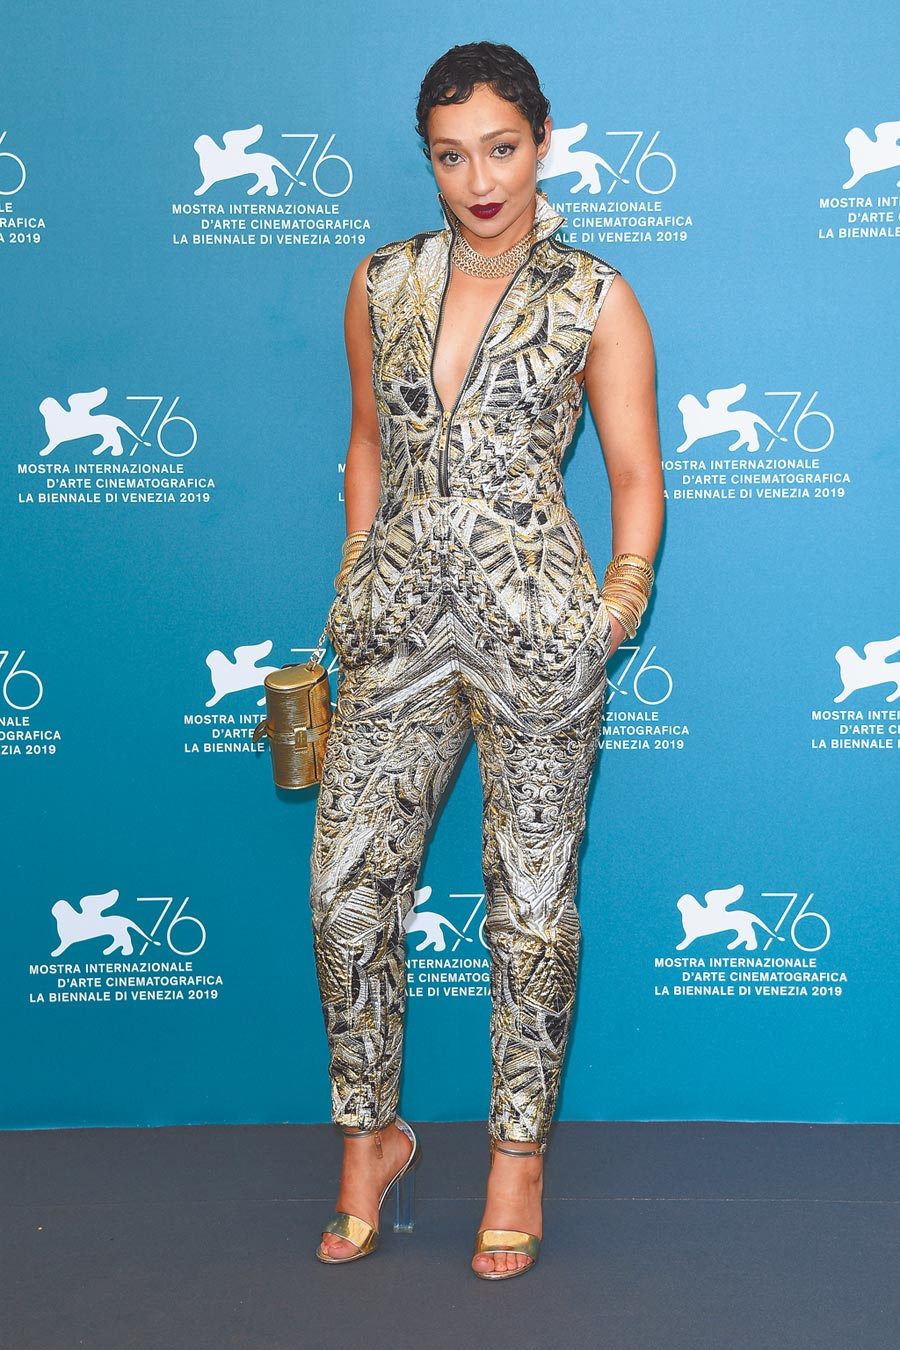 蘿絲奈格在威尼斯影展上穿的LV 2020早春連身裝,以Art Deco裝飾風藝術花紋為主題。(LV提供)